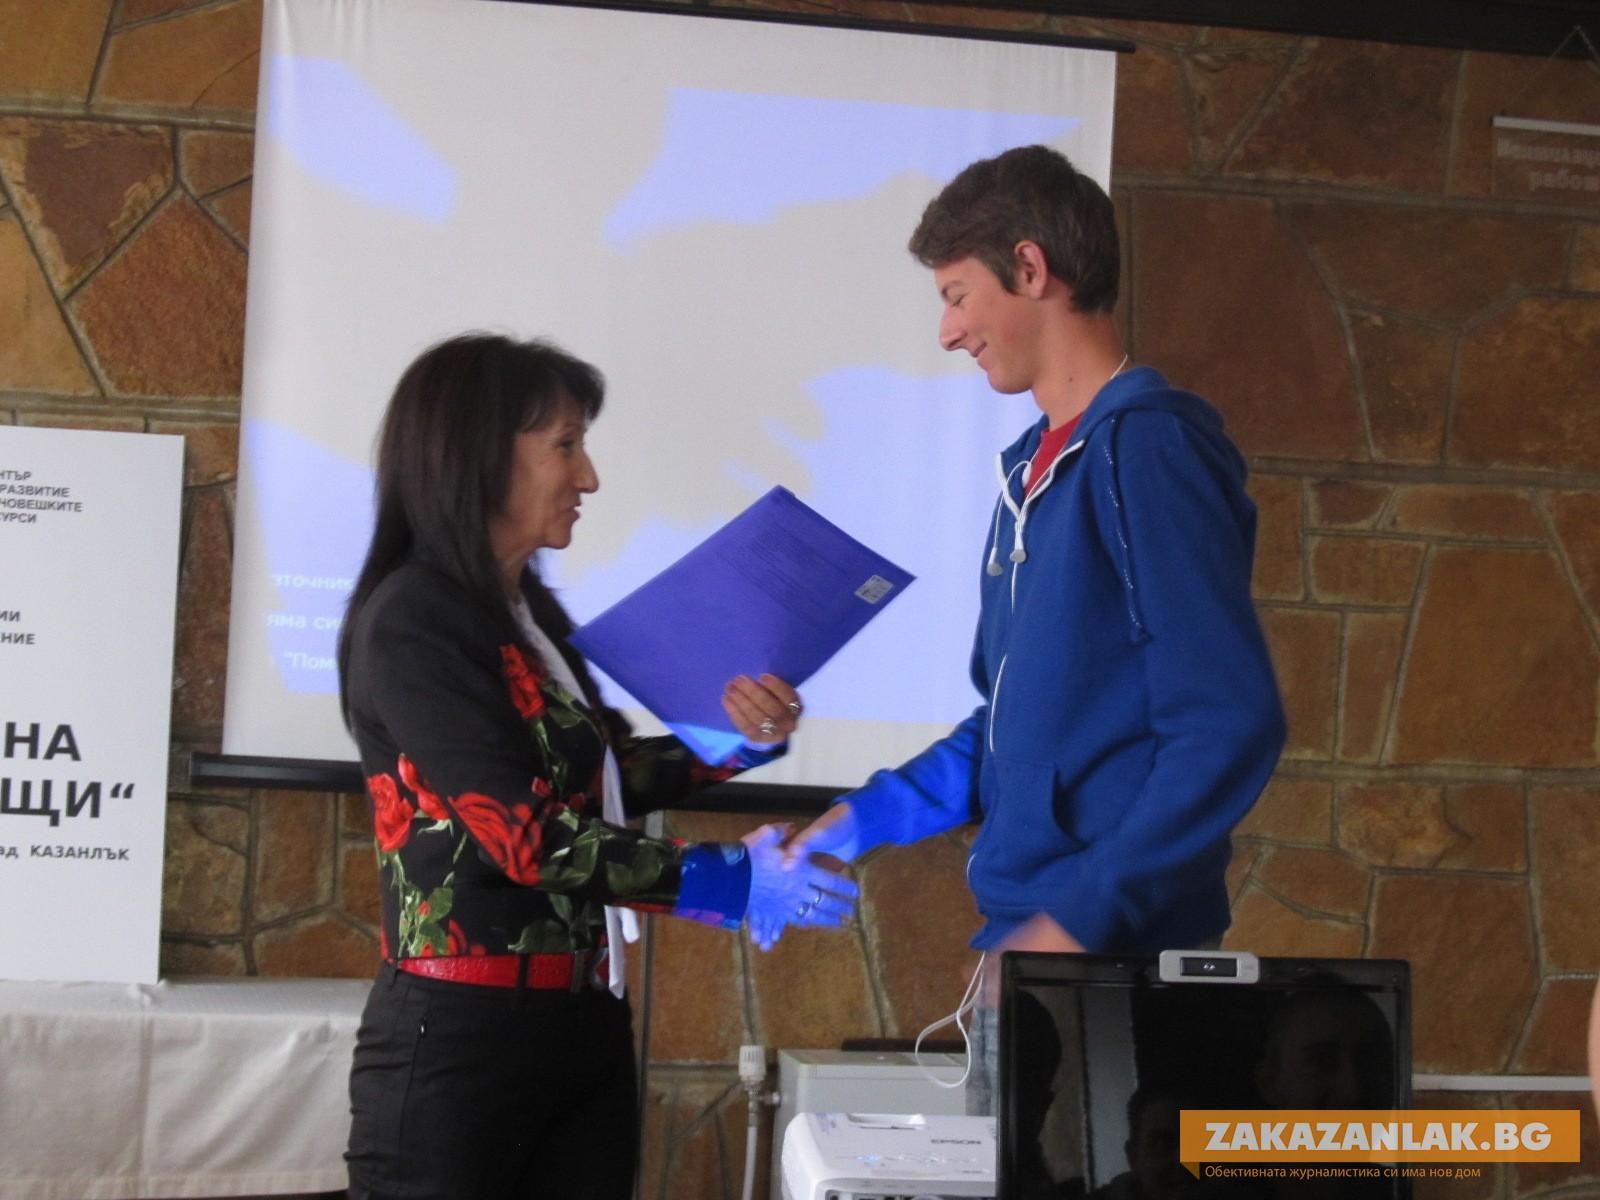 Европейски сертификати получиха възпитаници на механотехникума